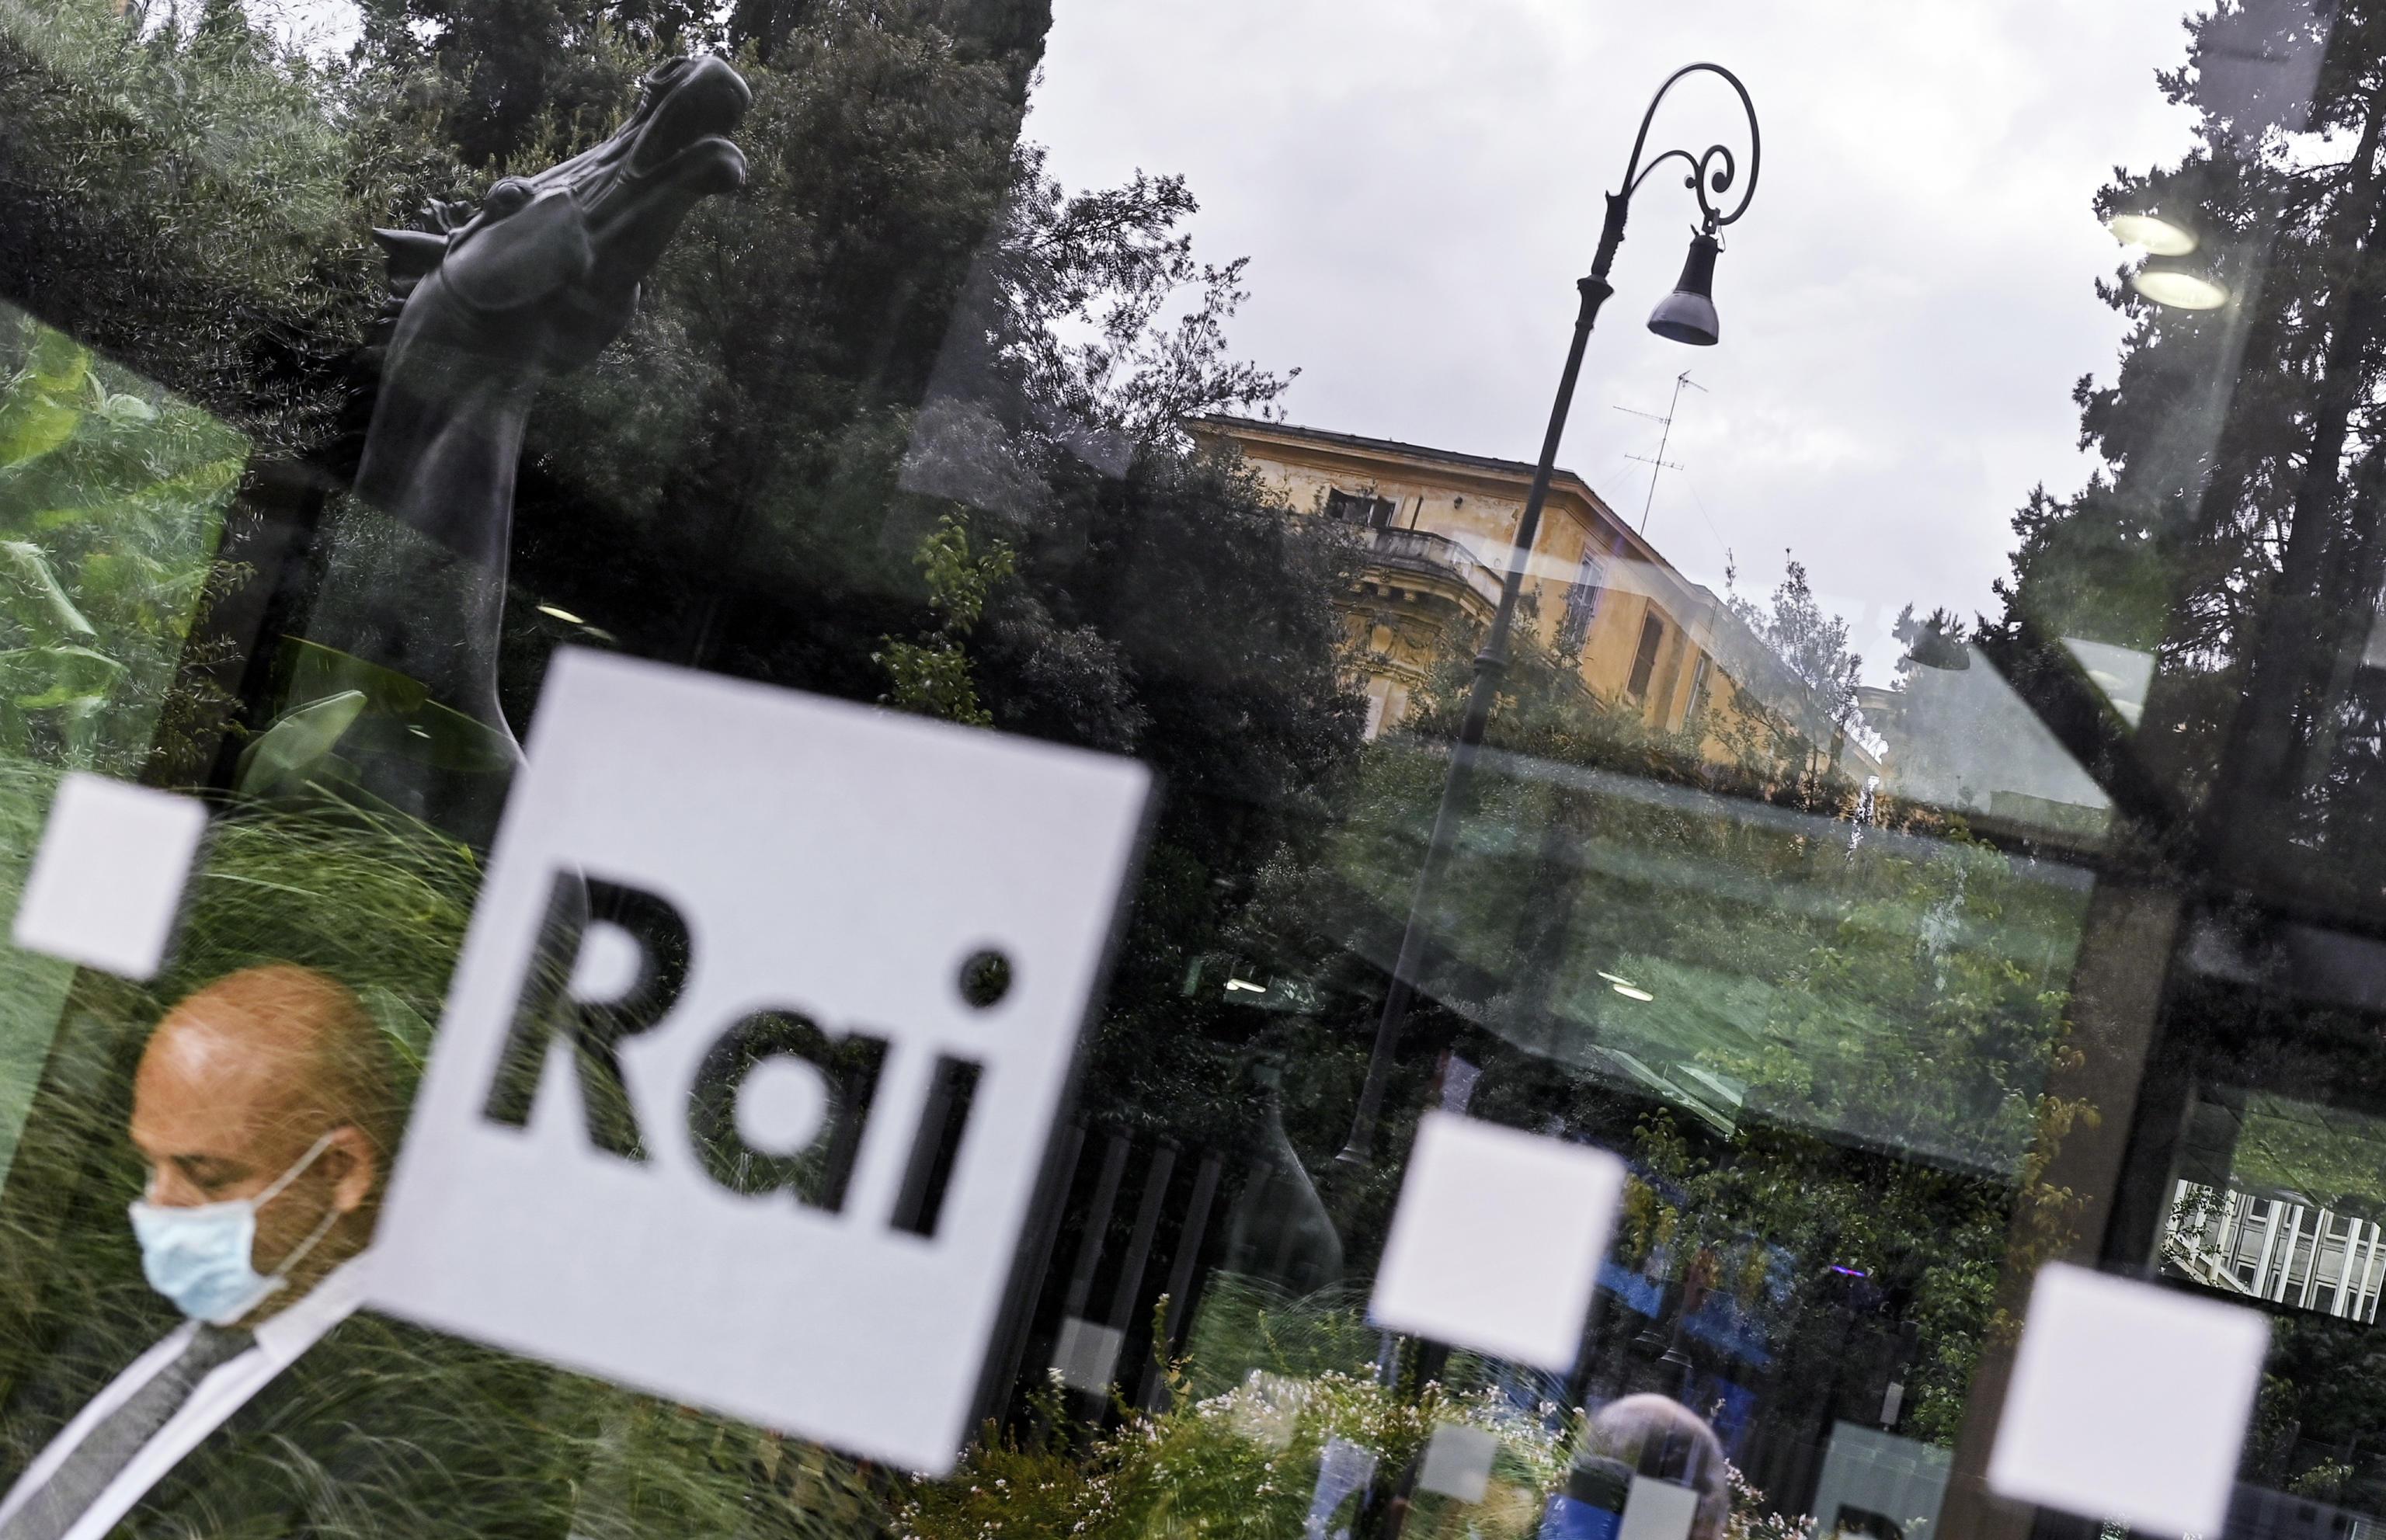 Rai, polemiche per un servizio anti Ue. L'ad Salini annuncia «provvedimenti». Meloni: «Si preferisce la censura al pluralismo»